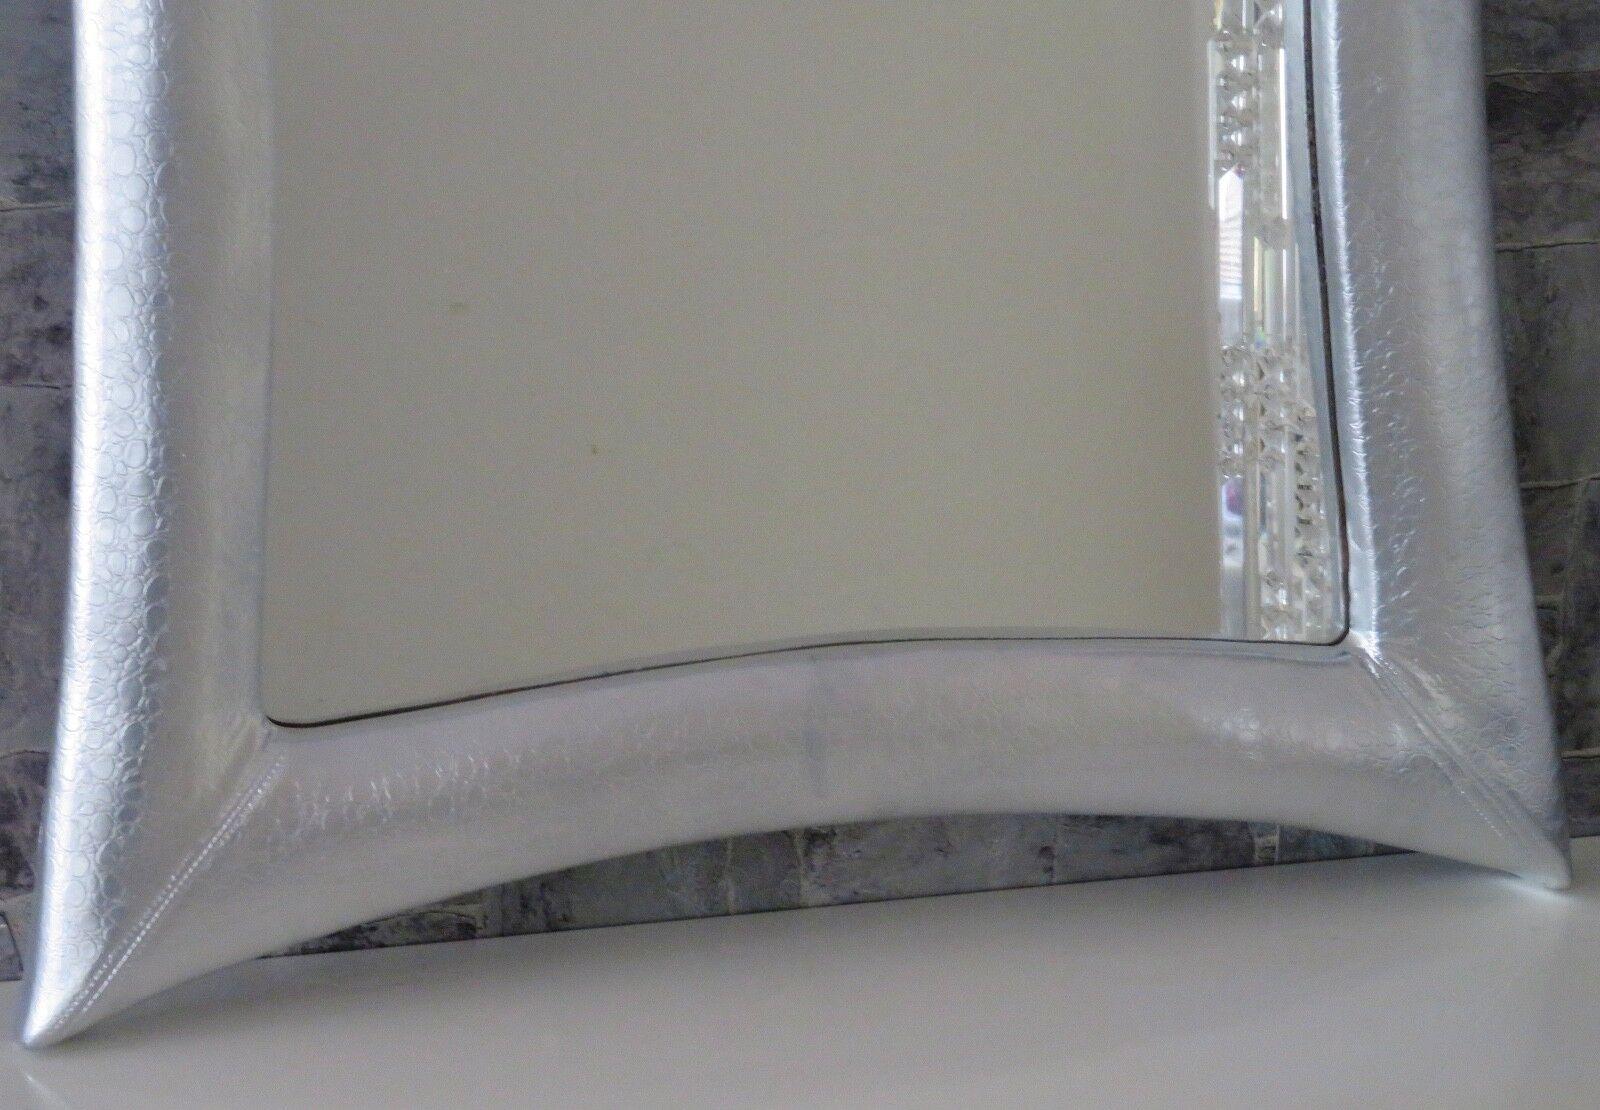 MIROIR MURAL ARGENT GRAND holzrahHommes 115x85 look cuir Coiffeur Coiffeur cuir De Couloir 747694